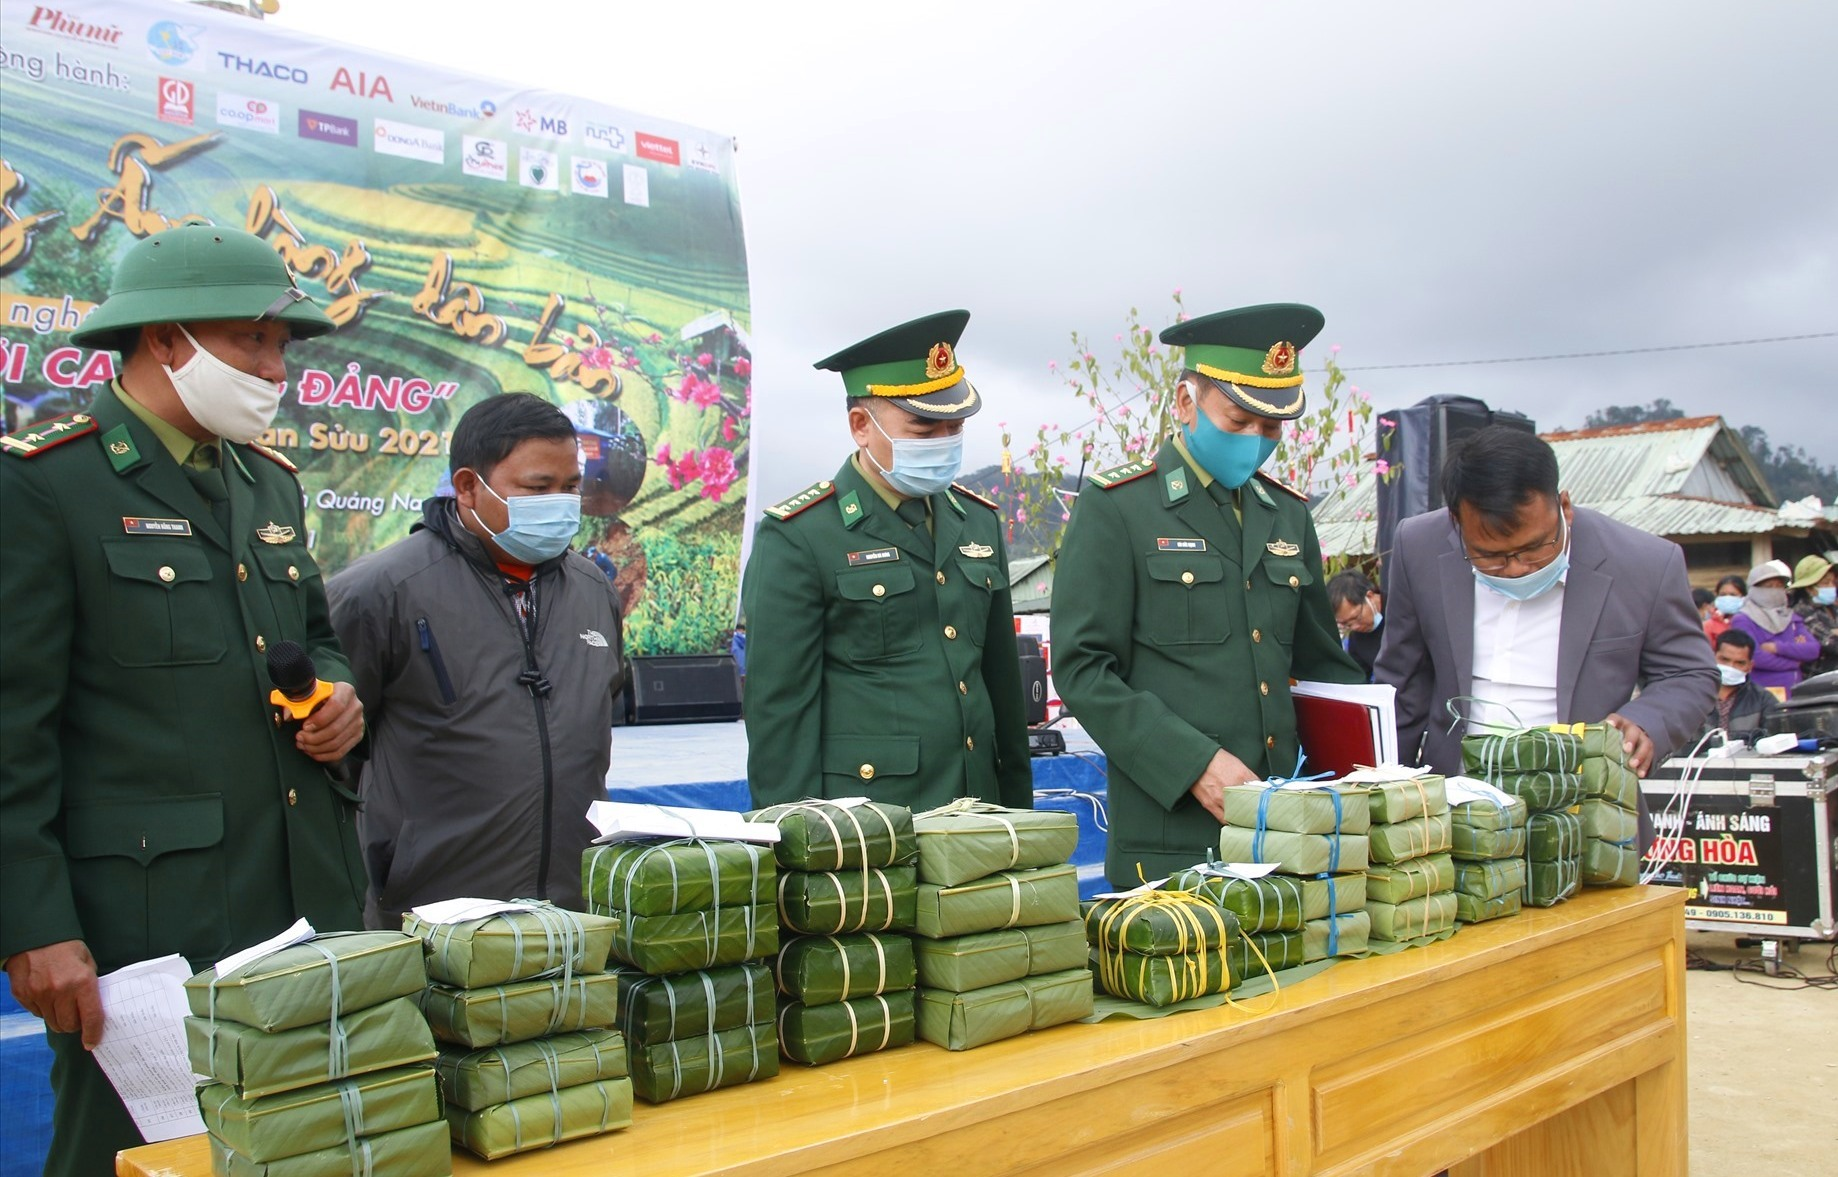 Hơn 300 cặp bánh chưng được trao tặng cho các gia đình khó khăn. Ảnh: ANH CHÍN